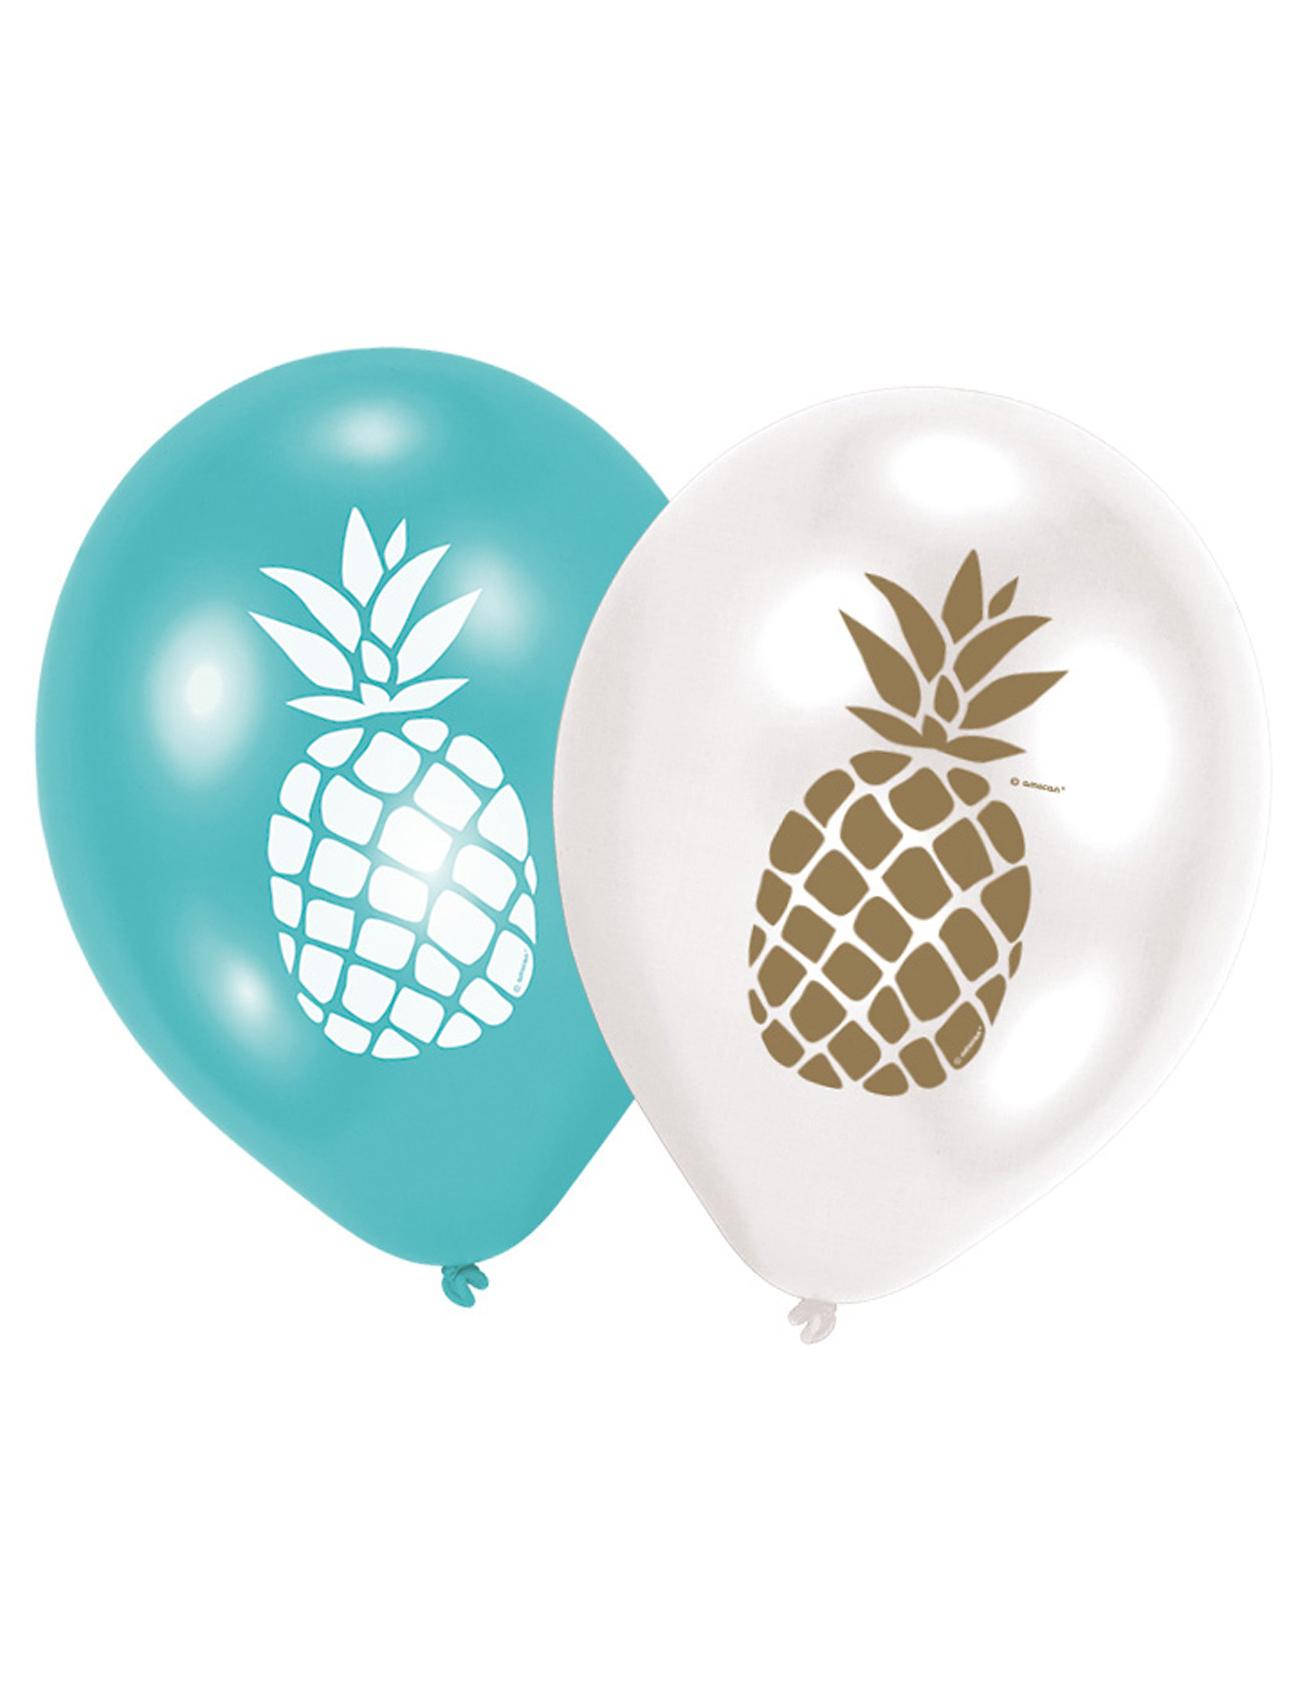 7186c03aa23780 6 Ballons en latex Ananas doré, bleu et blanc 28 cm, décoration  anniversaire et fêtes à thème sur Vegaoo Party